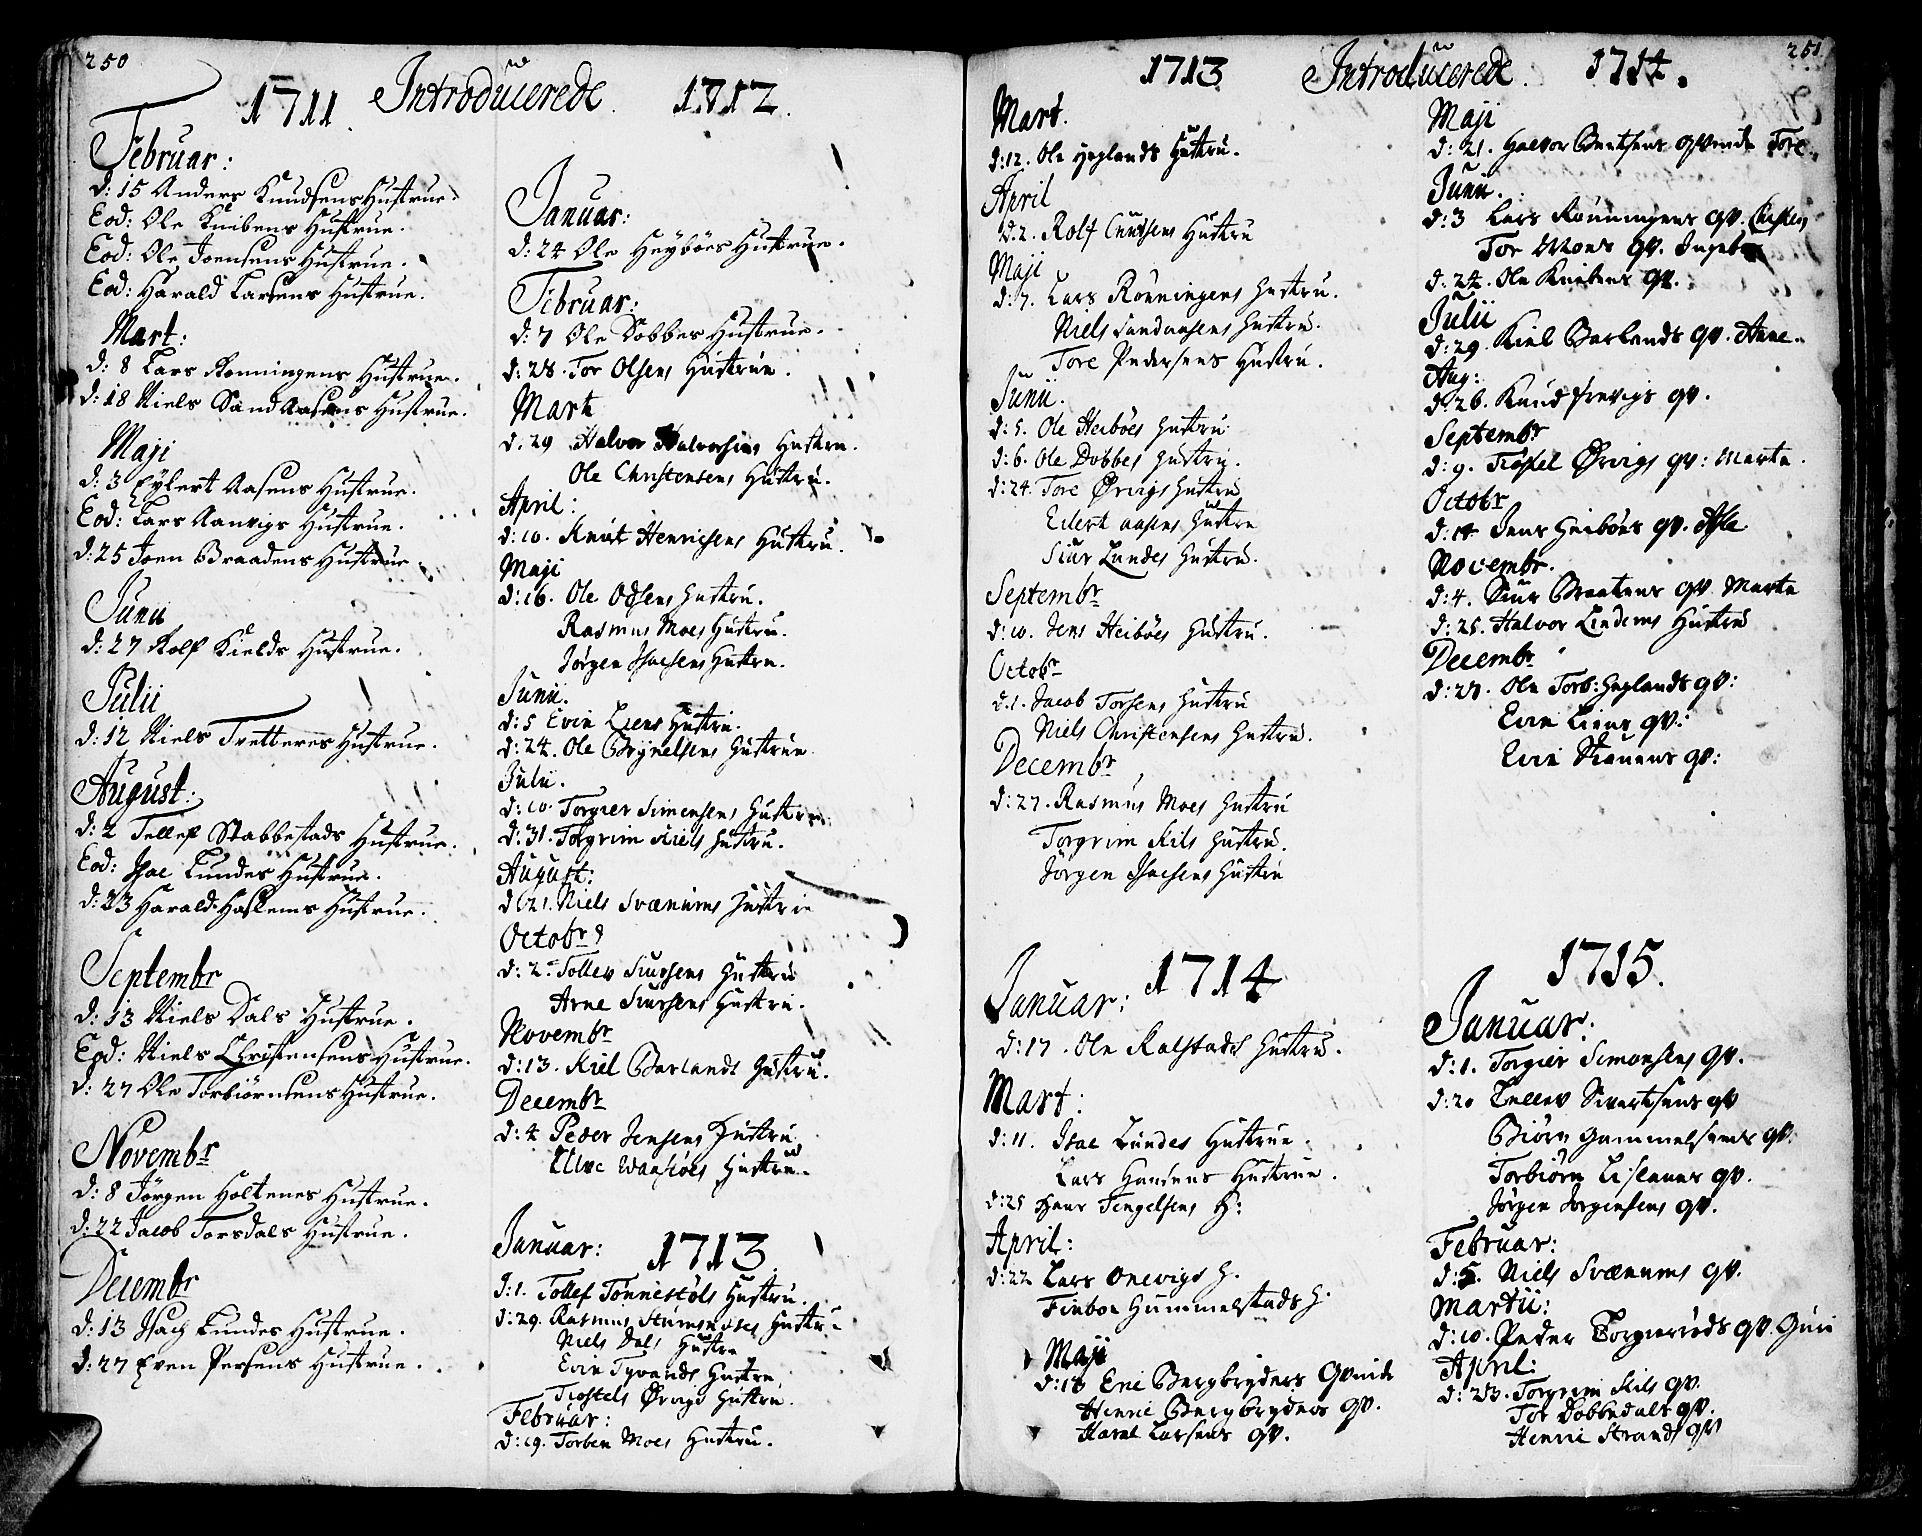 SAKO, Sannidal kirkebøker, F/Fa/L0001: Ministerialbok nr. 1, 1702-1766, s. 250-251